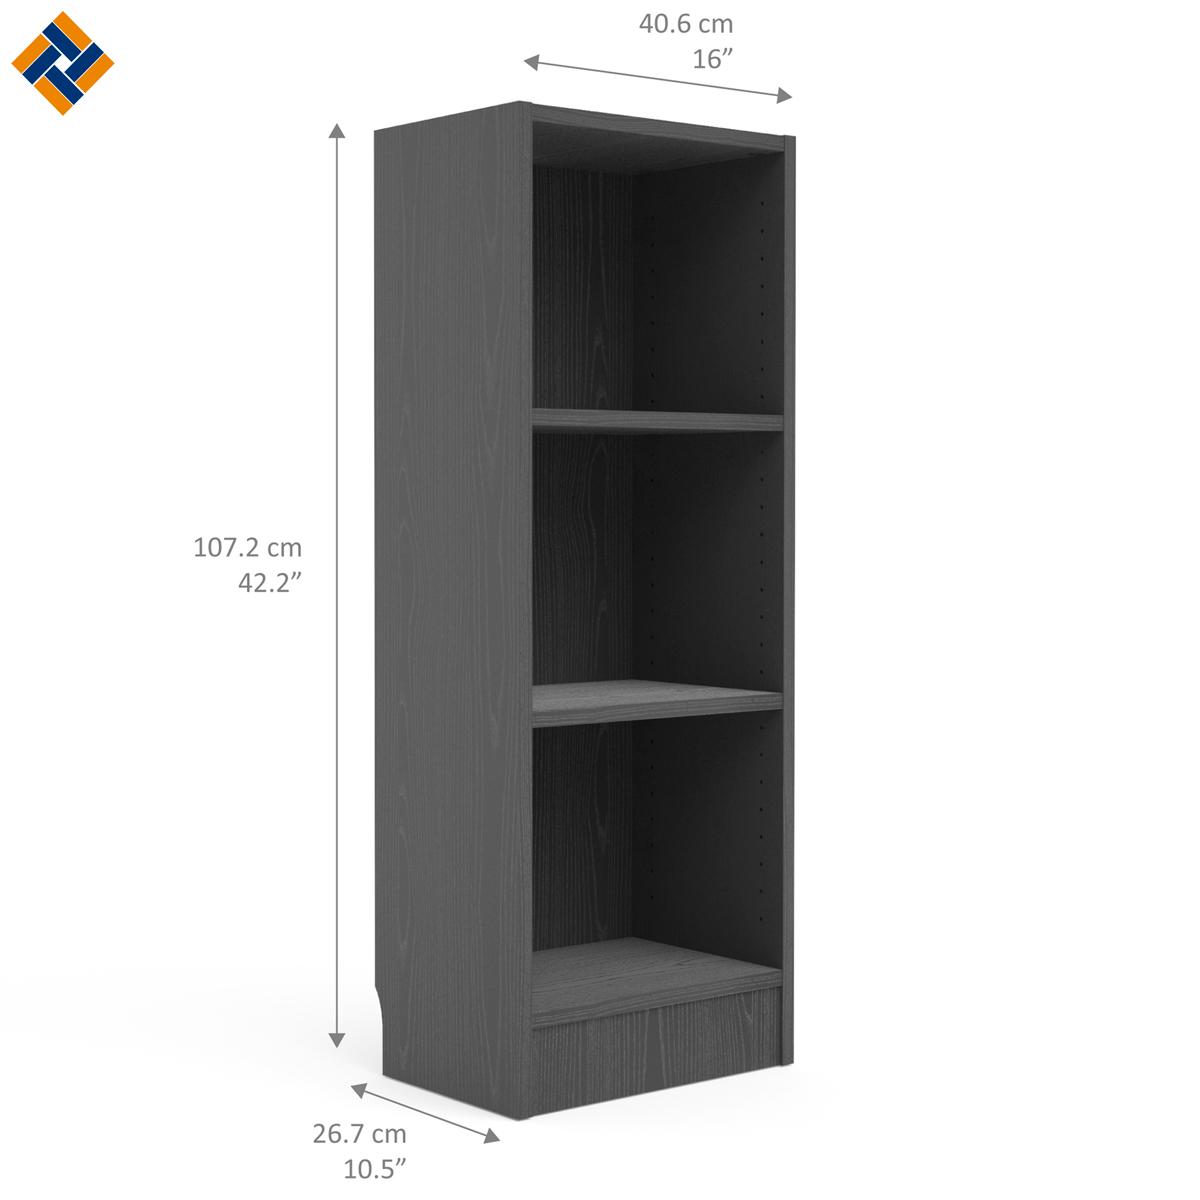 FitxaTecnica Bookcase